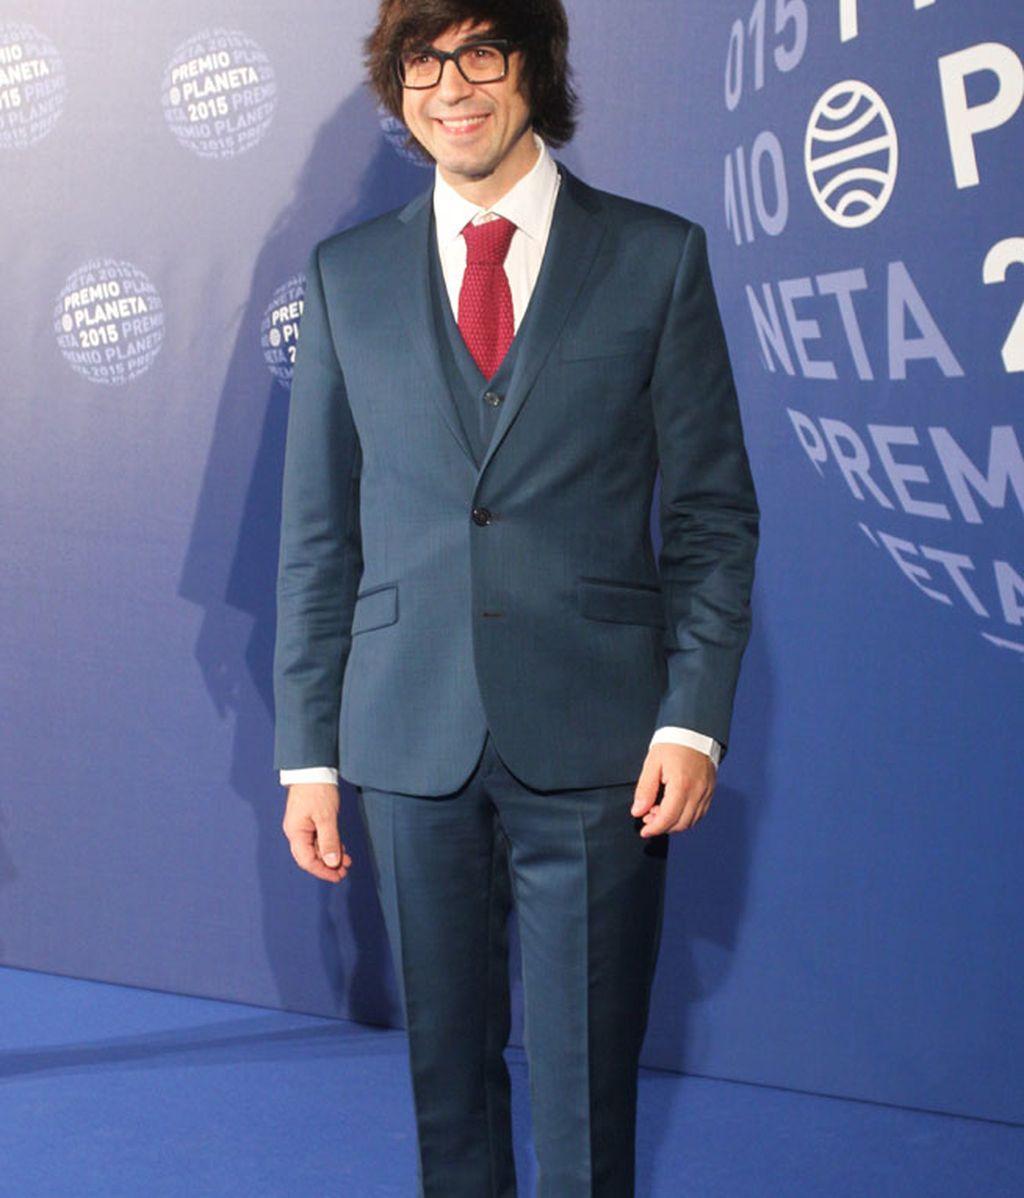 El toque de color de Luis Pedrahita: traje azul y corbata roja